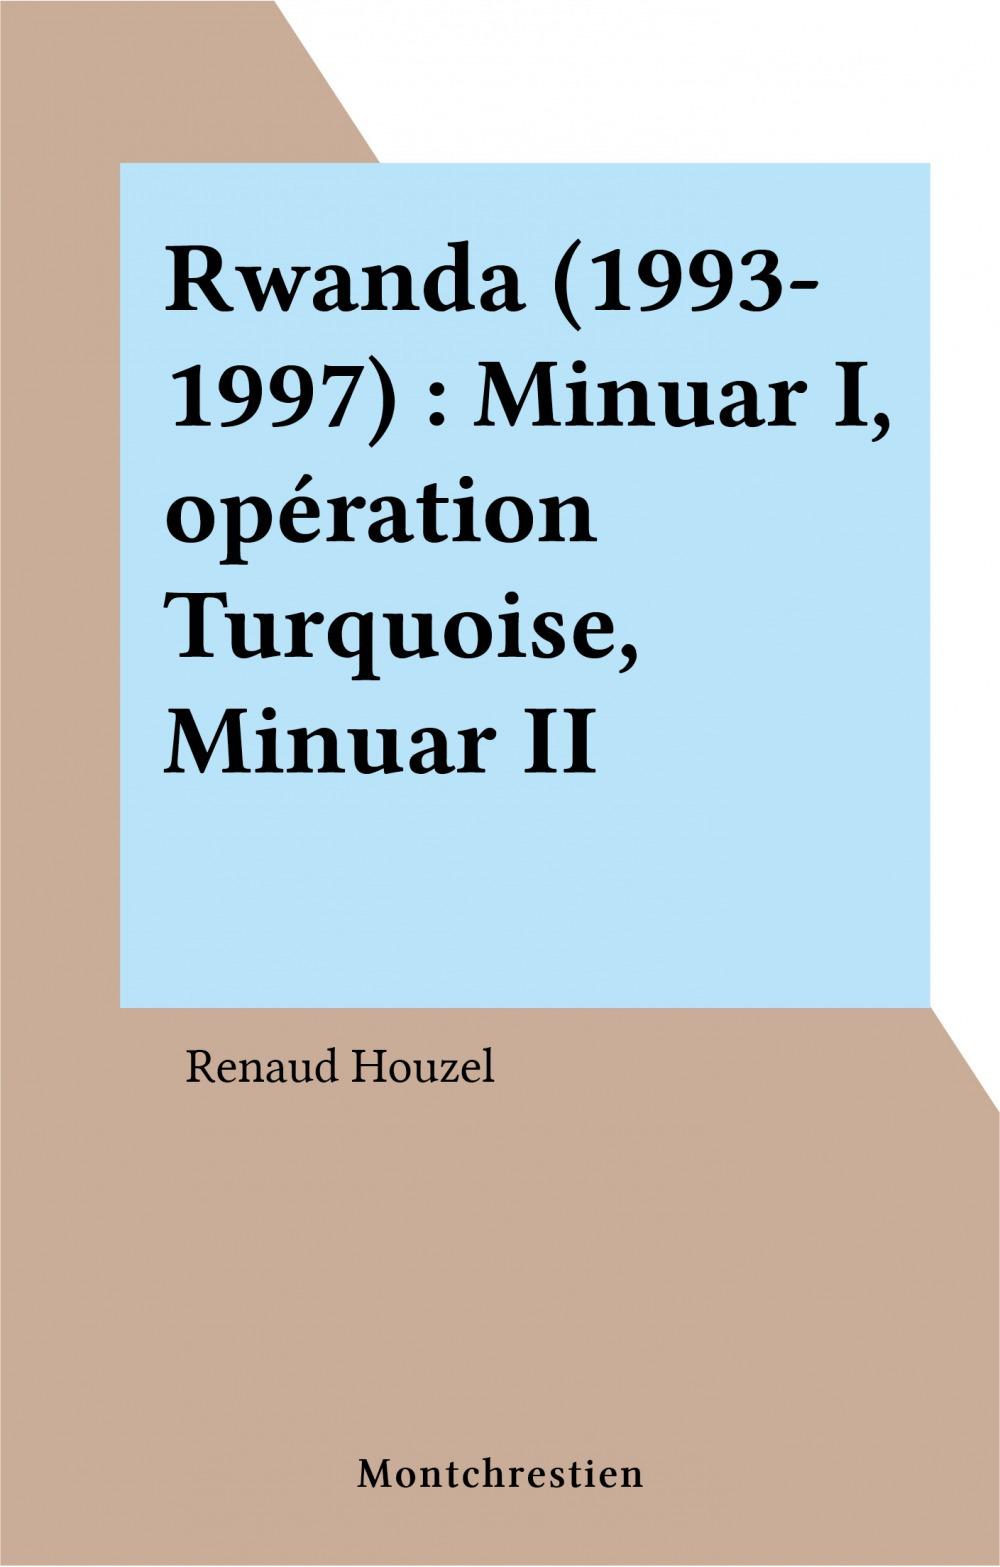 Rwanda (1993-1997)